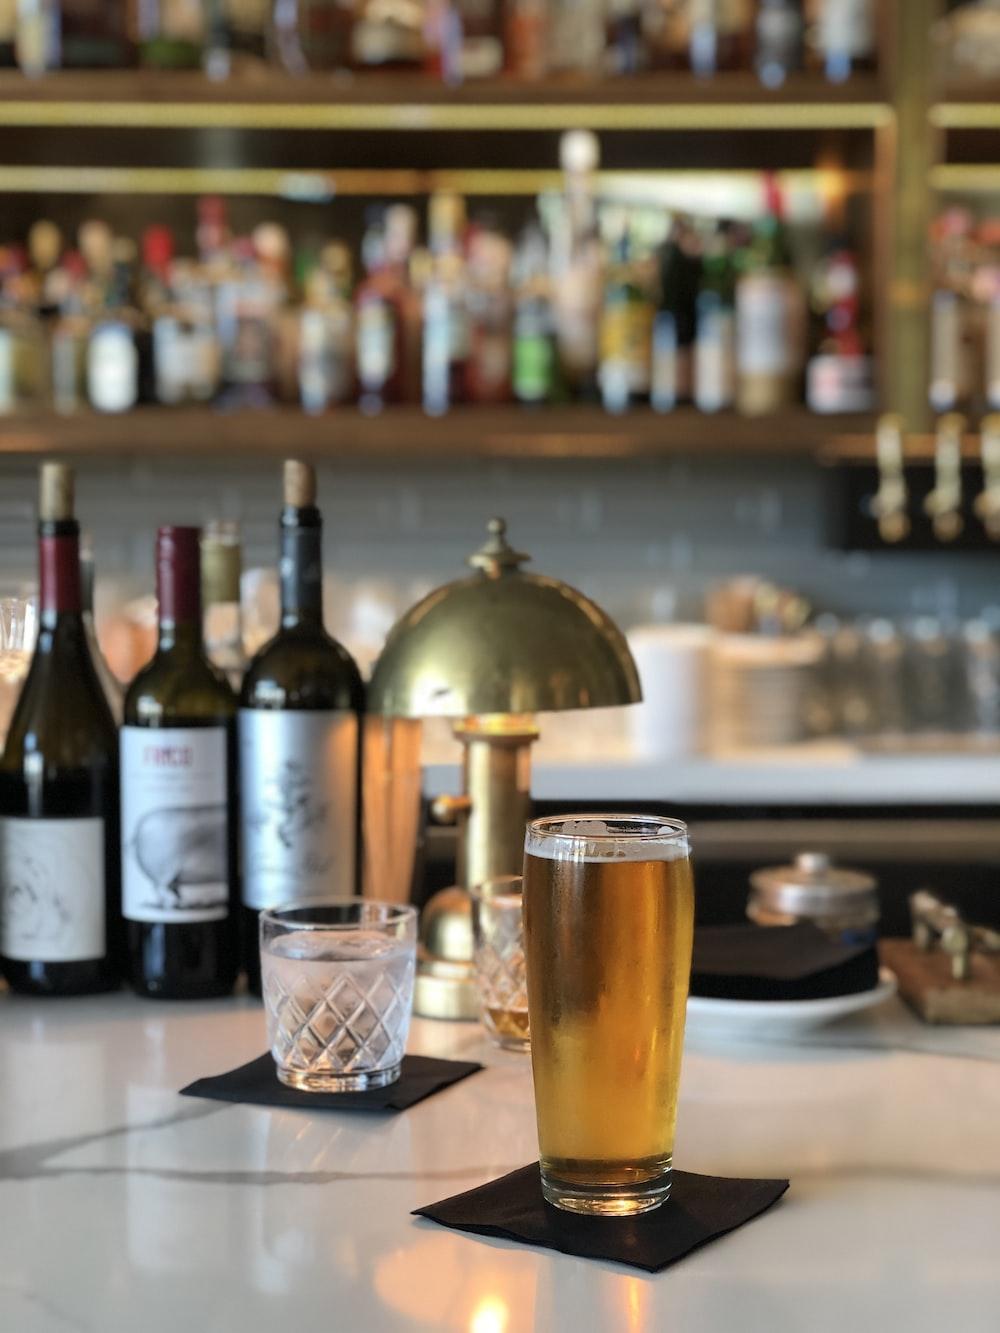 clear drinking glass beside wine bottle on table